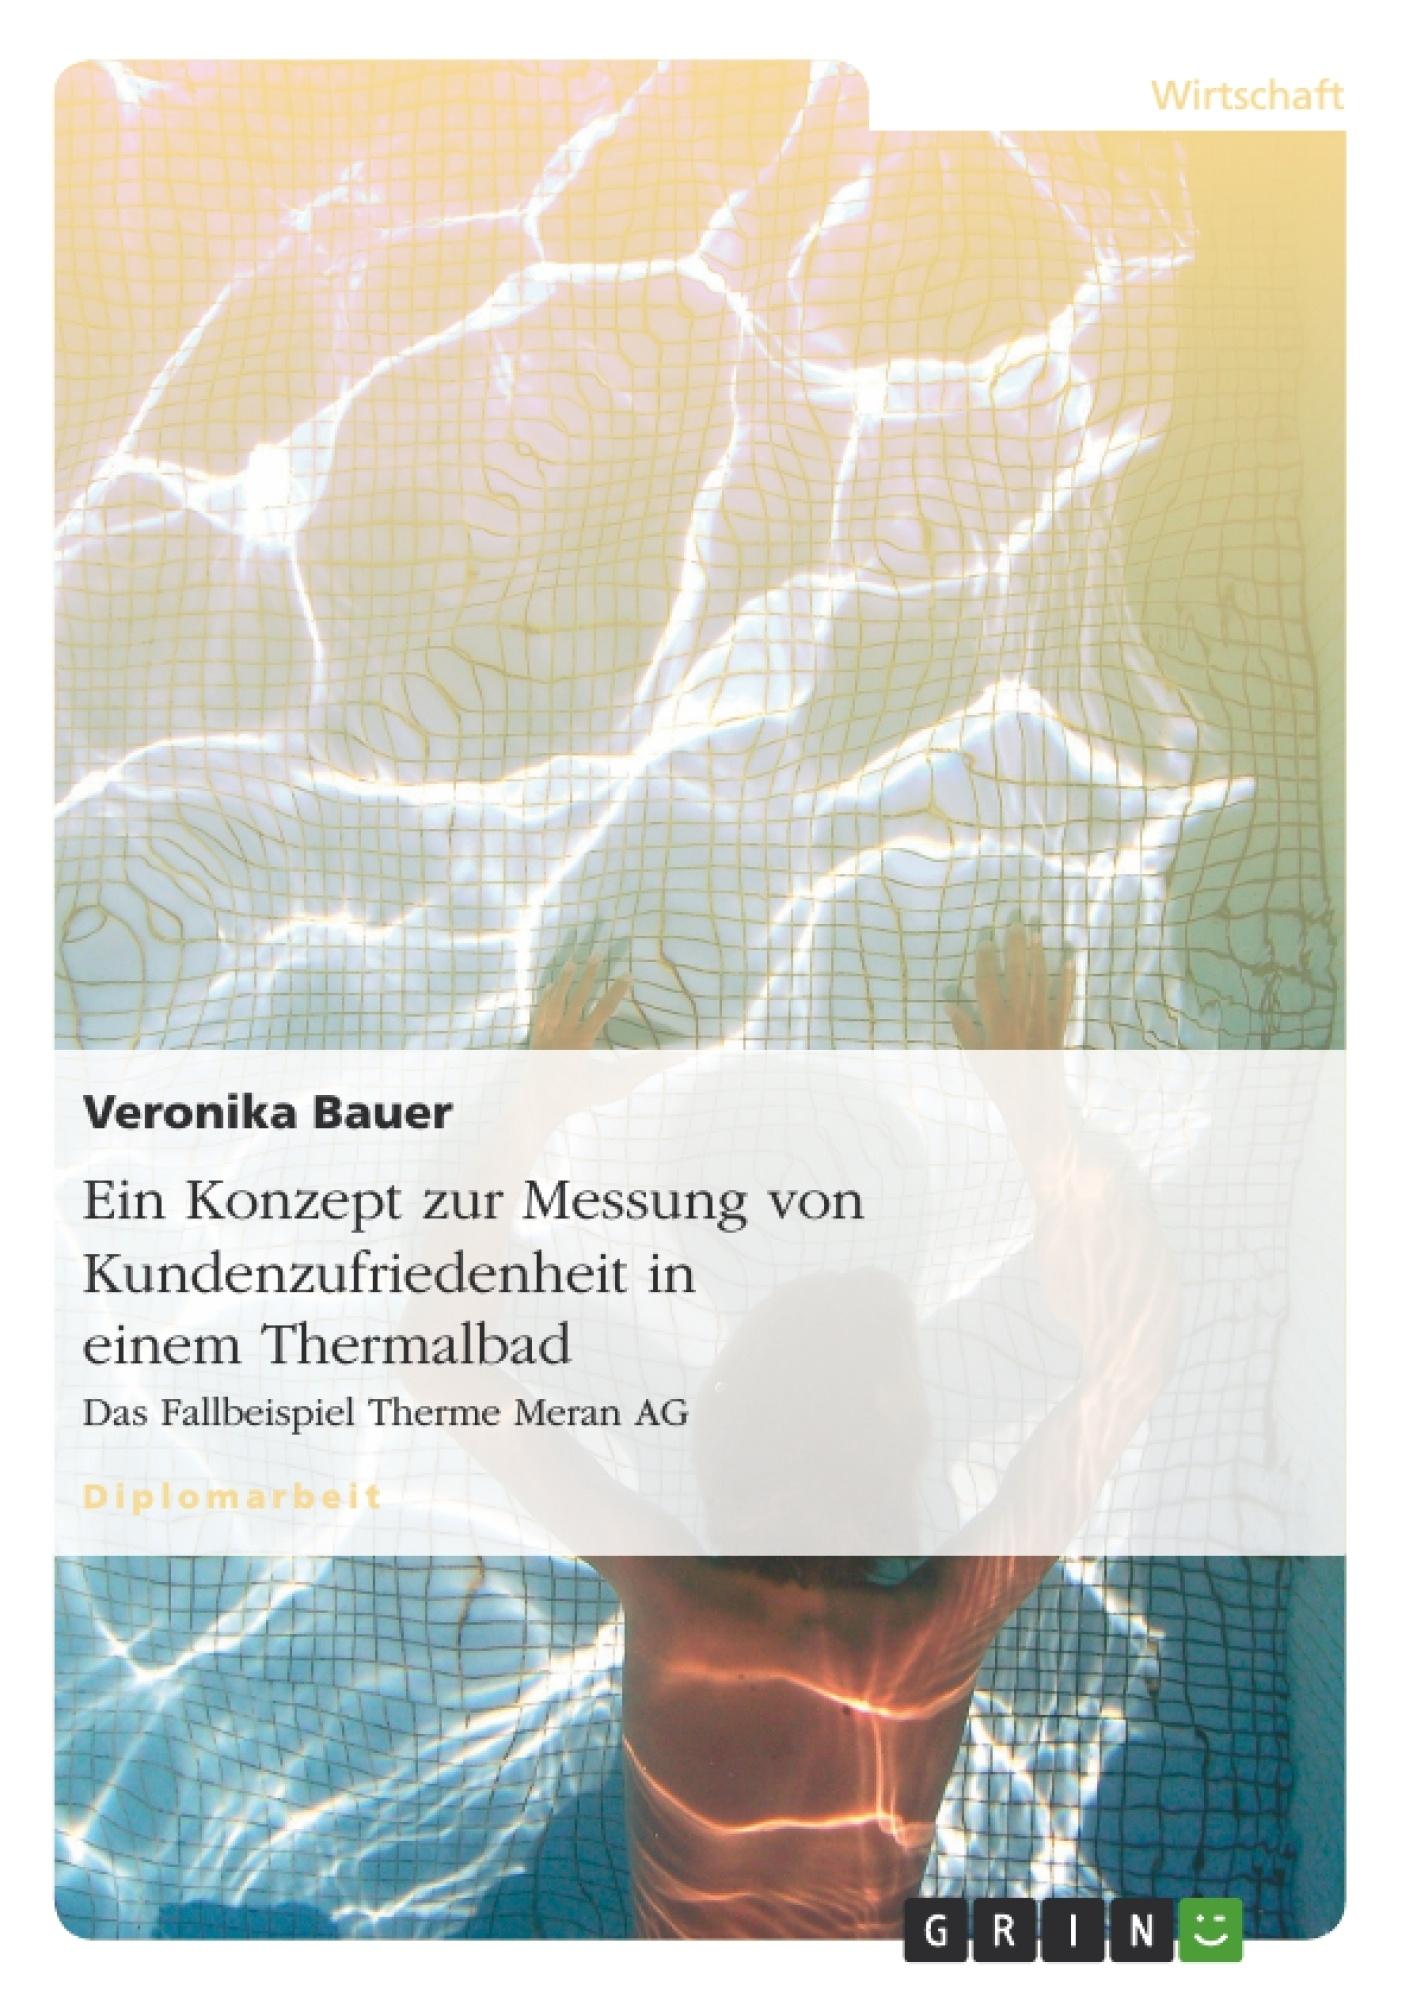 Titel: Ein Konzept zur Messung von Kundenzufriedenheit in einem Thermalbad